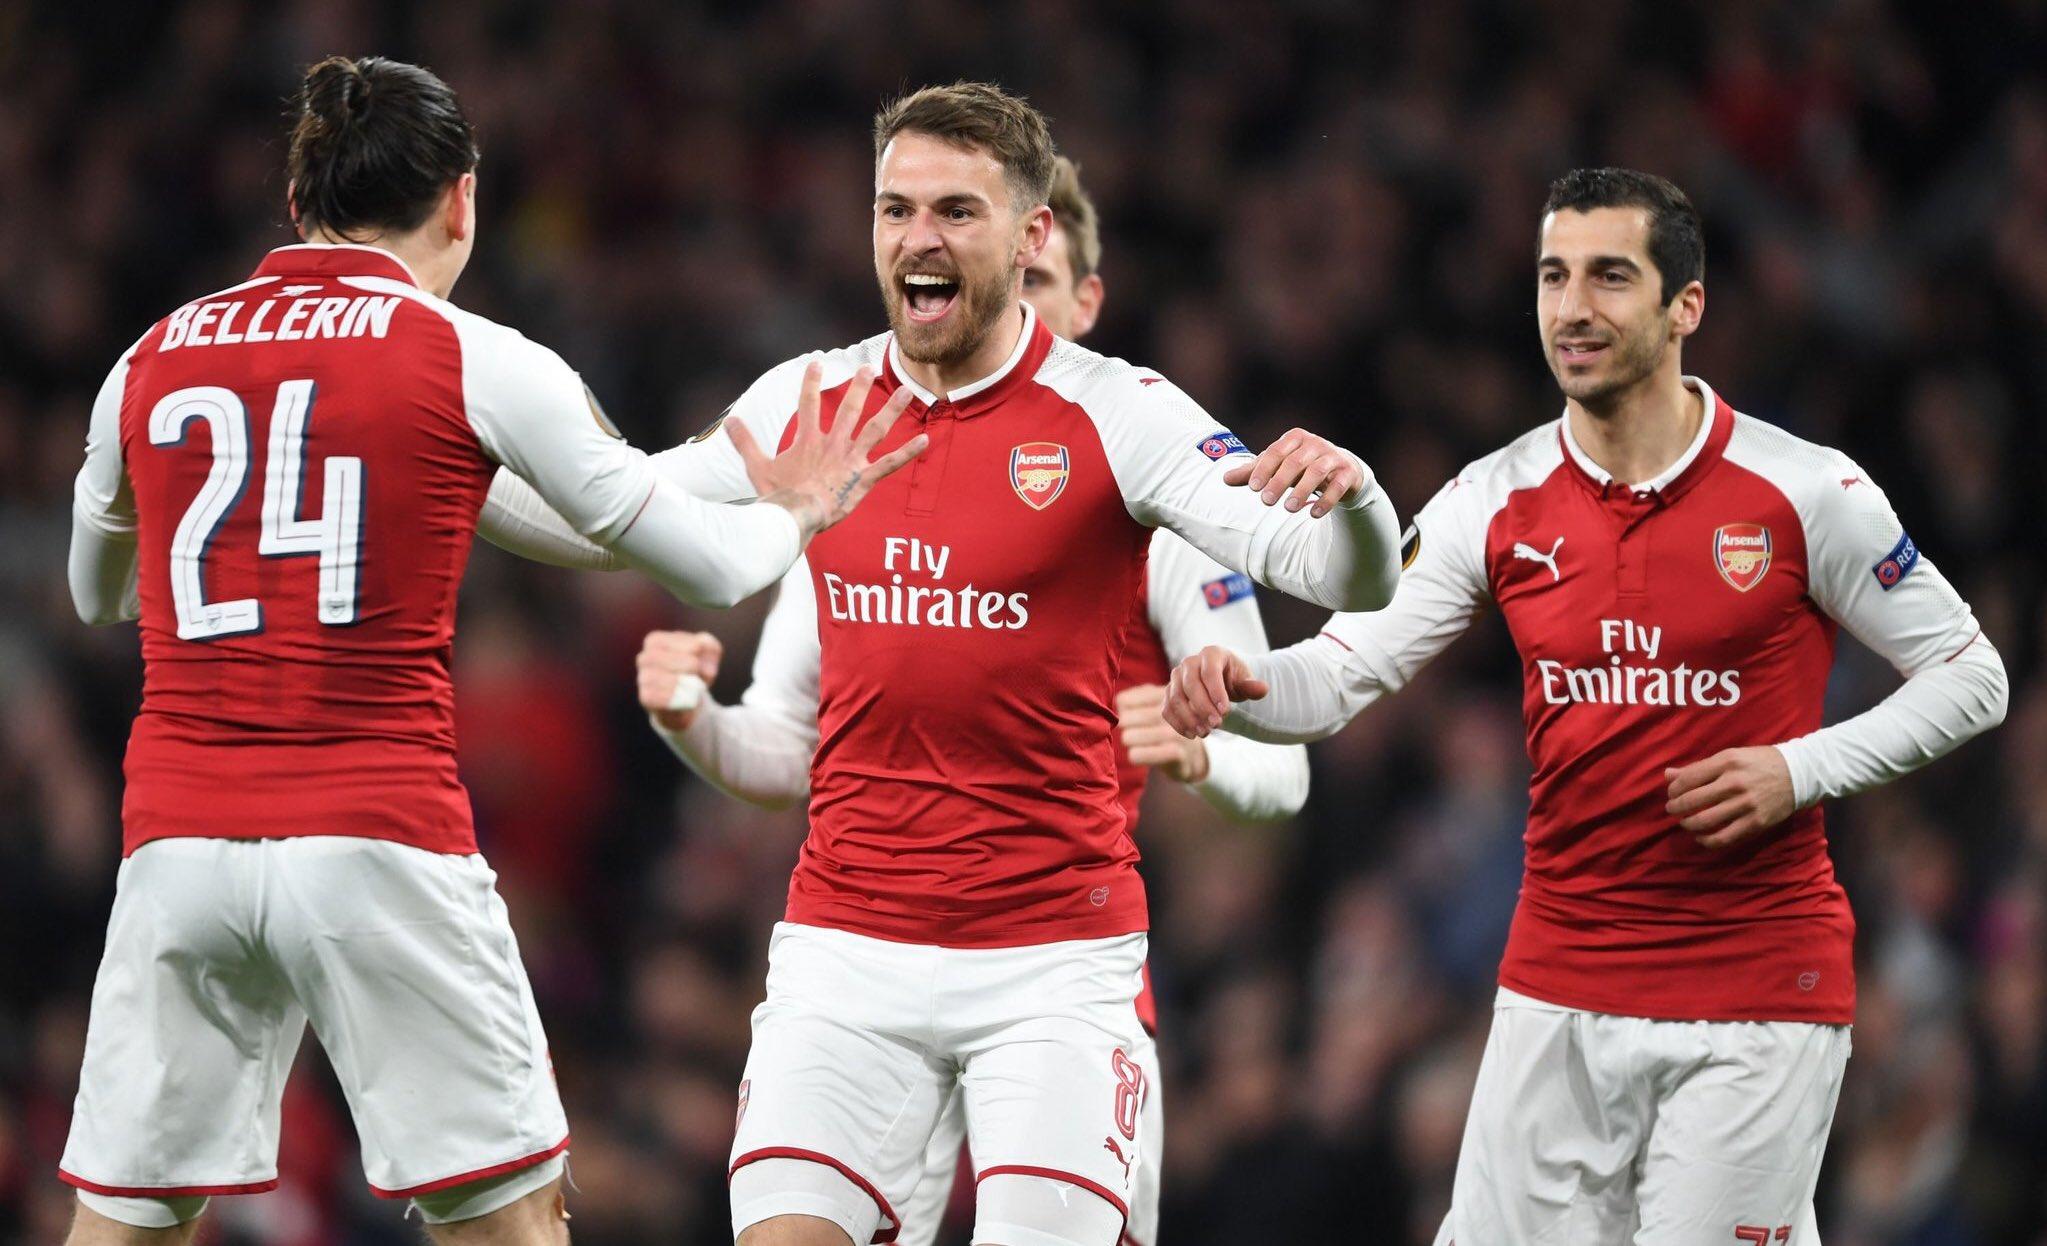 Ramsey merci hector